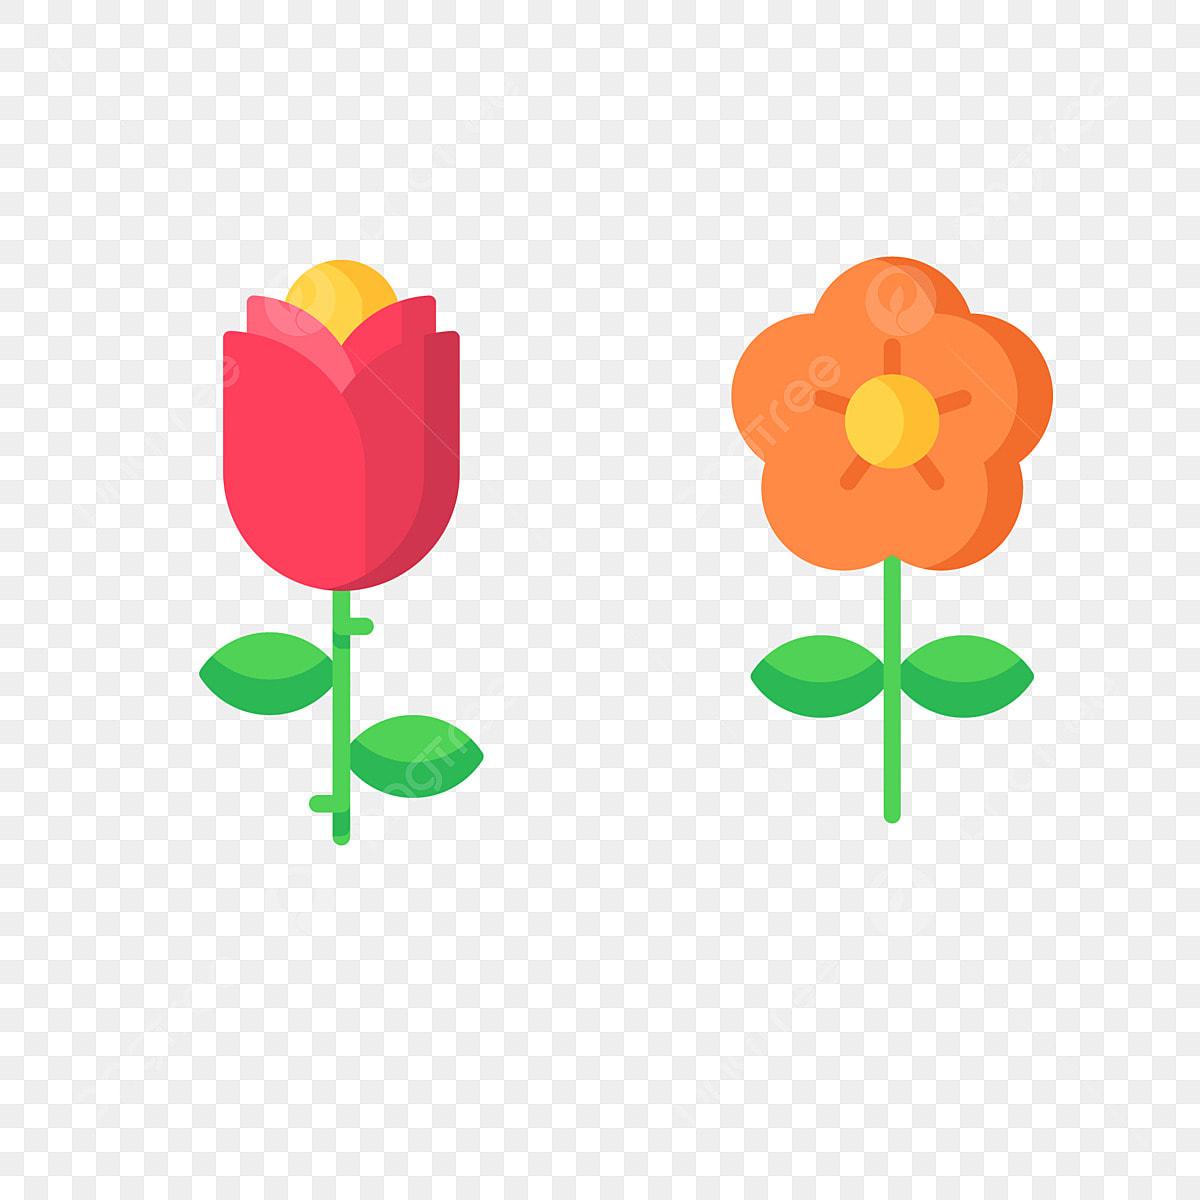 Dessin Anime Fleur Fleur Petite Fleur Rouge Libre Format Png